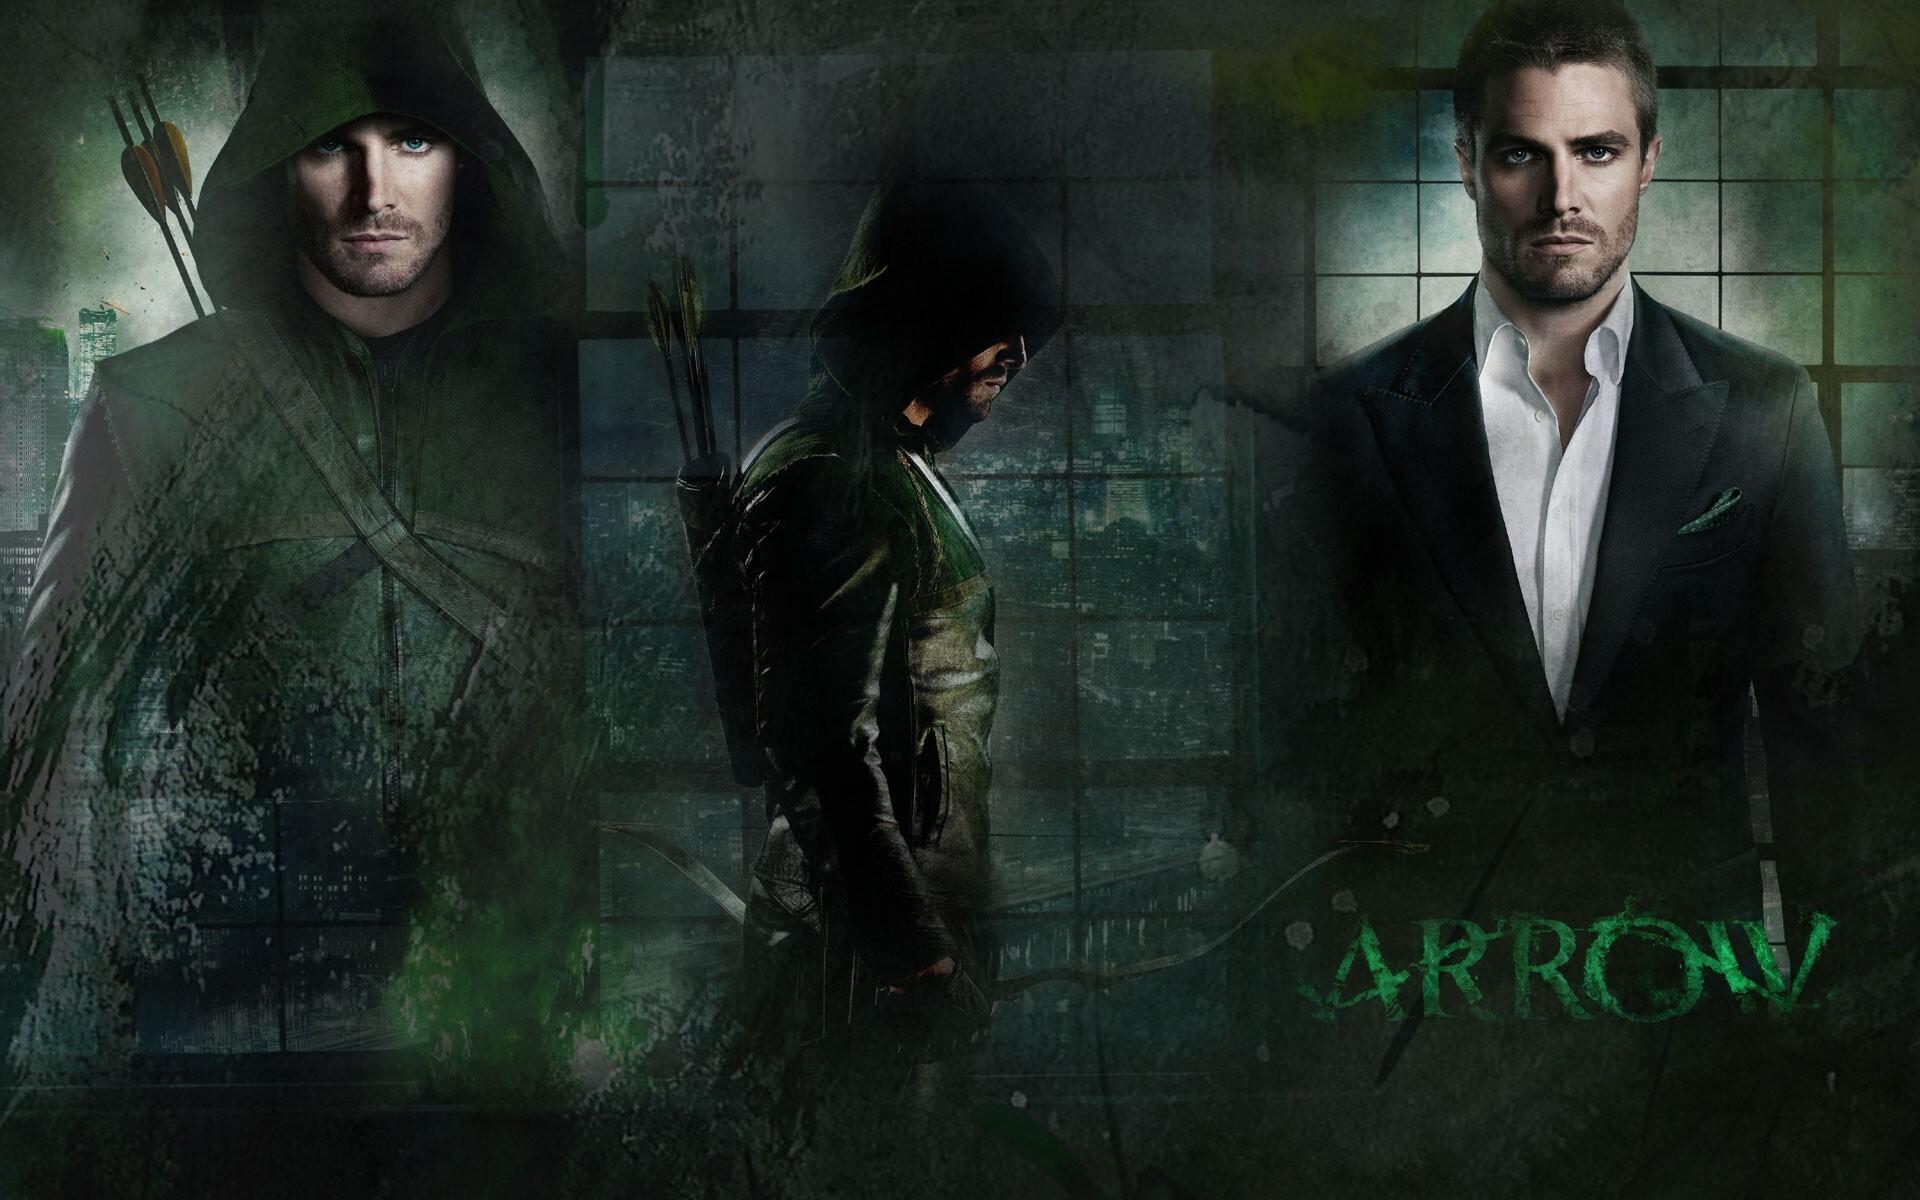 Dolph estara en la quinta temporada de Arrow Arrow_American_TV_Series_HD_Wallpapers